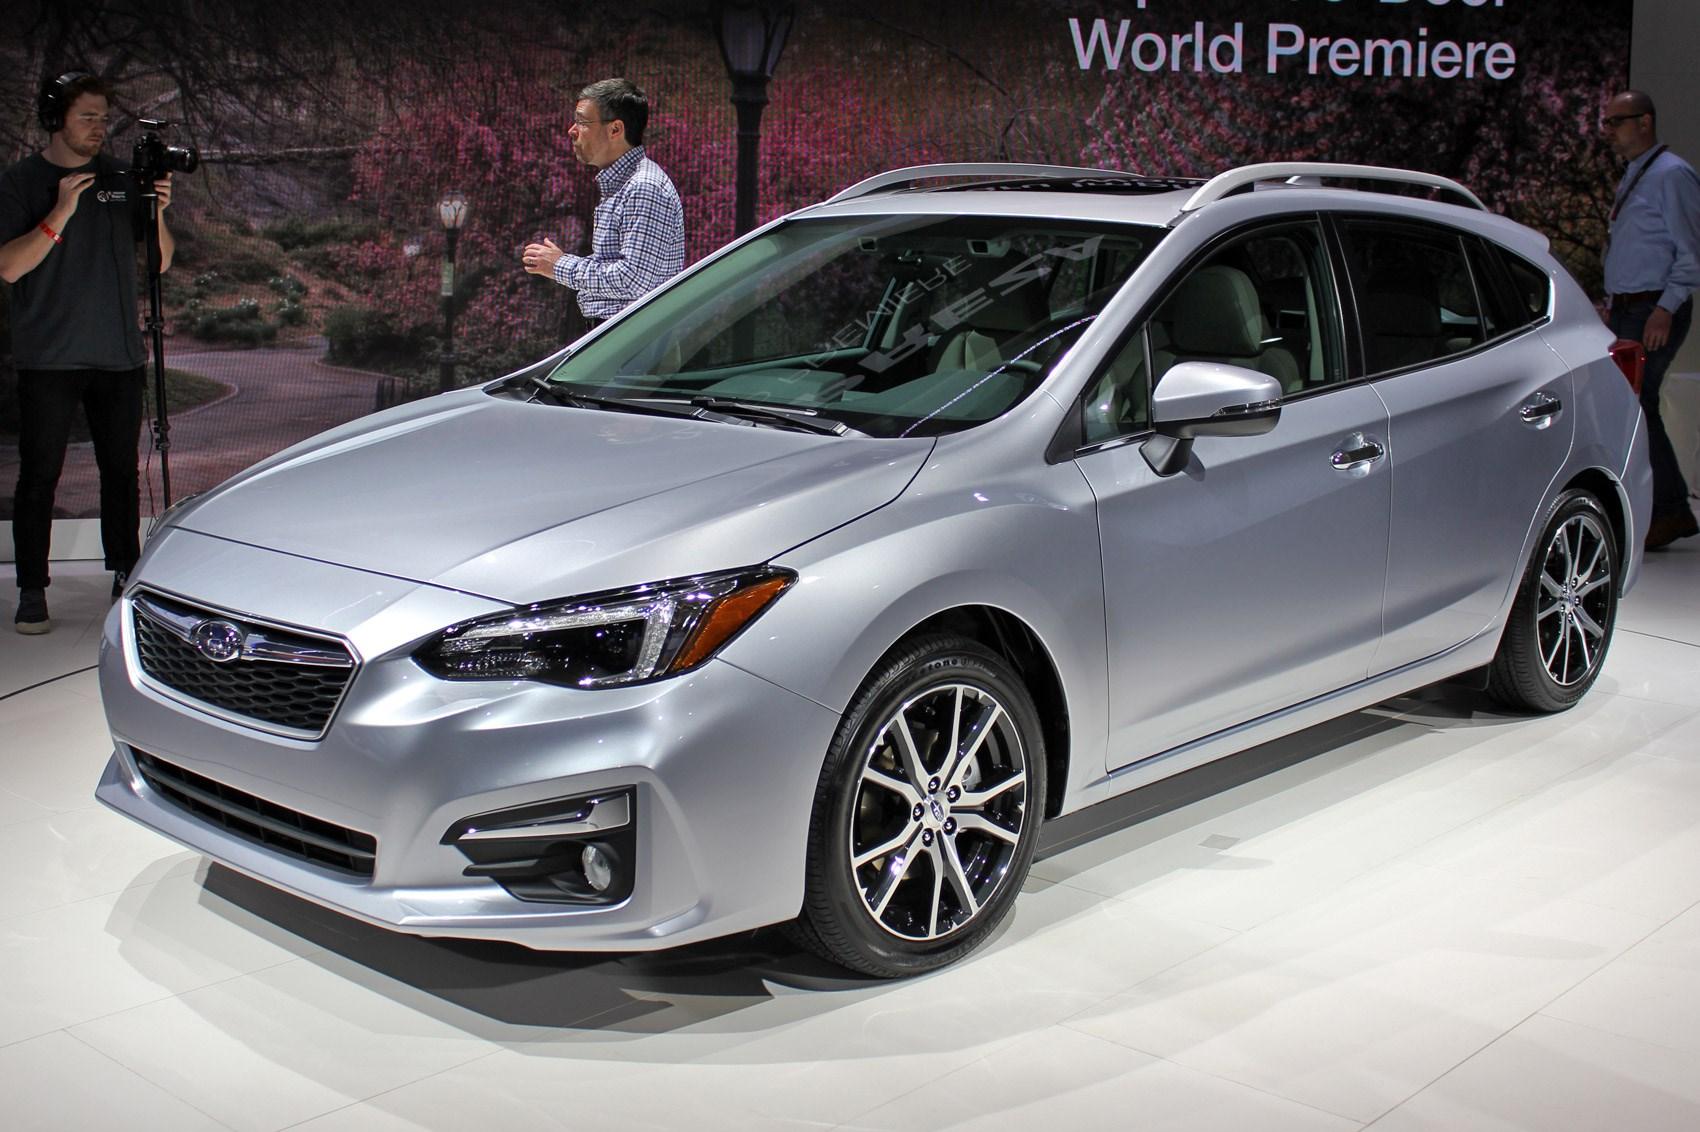 All-new Subaru Impreza: WRX and WRX STI versions in the ...